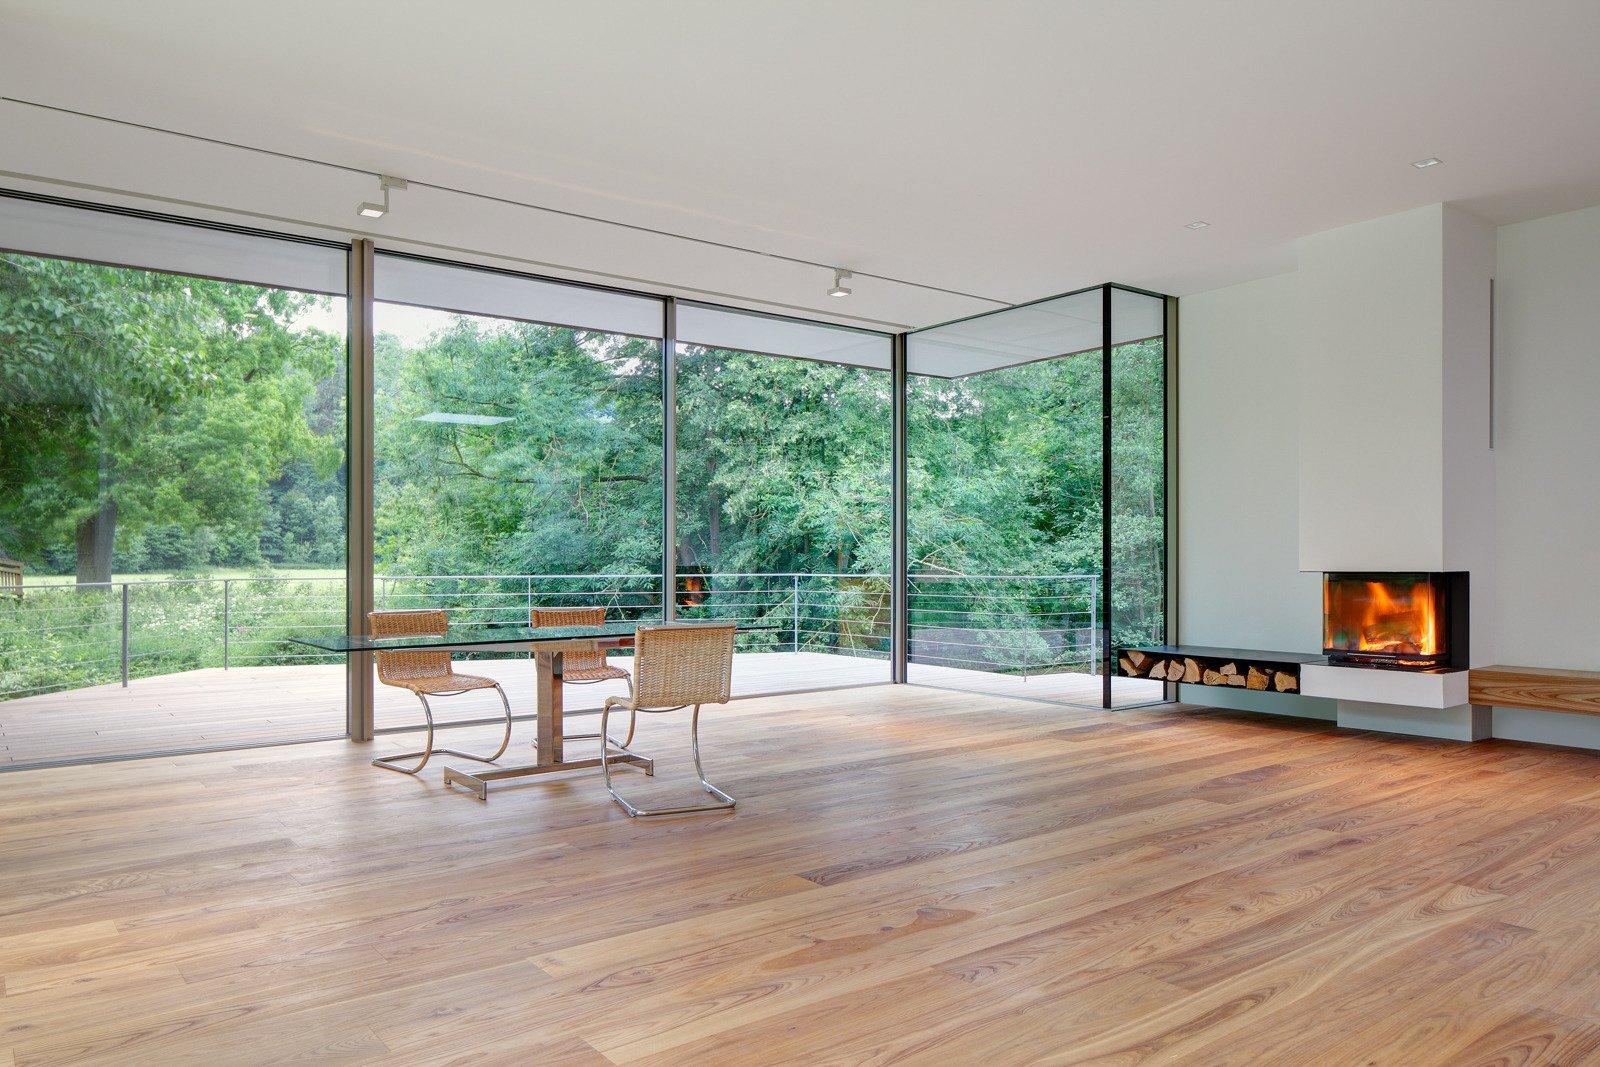 Photo 4 of 6 in House Rheder II by Falkenberg Innenarchitektur